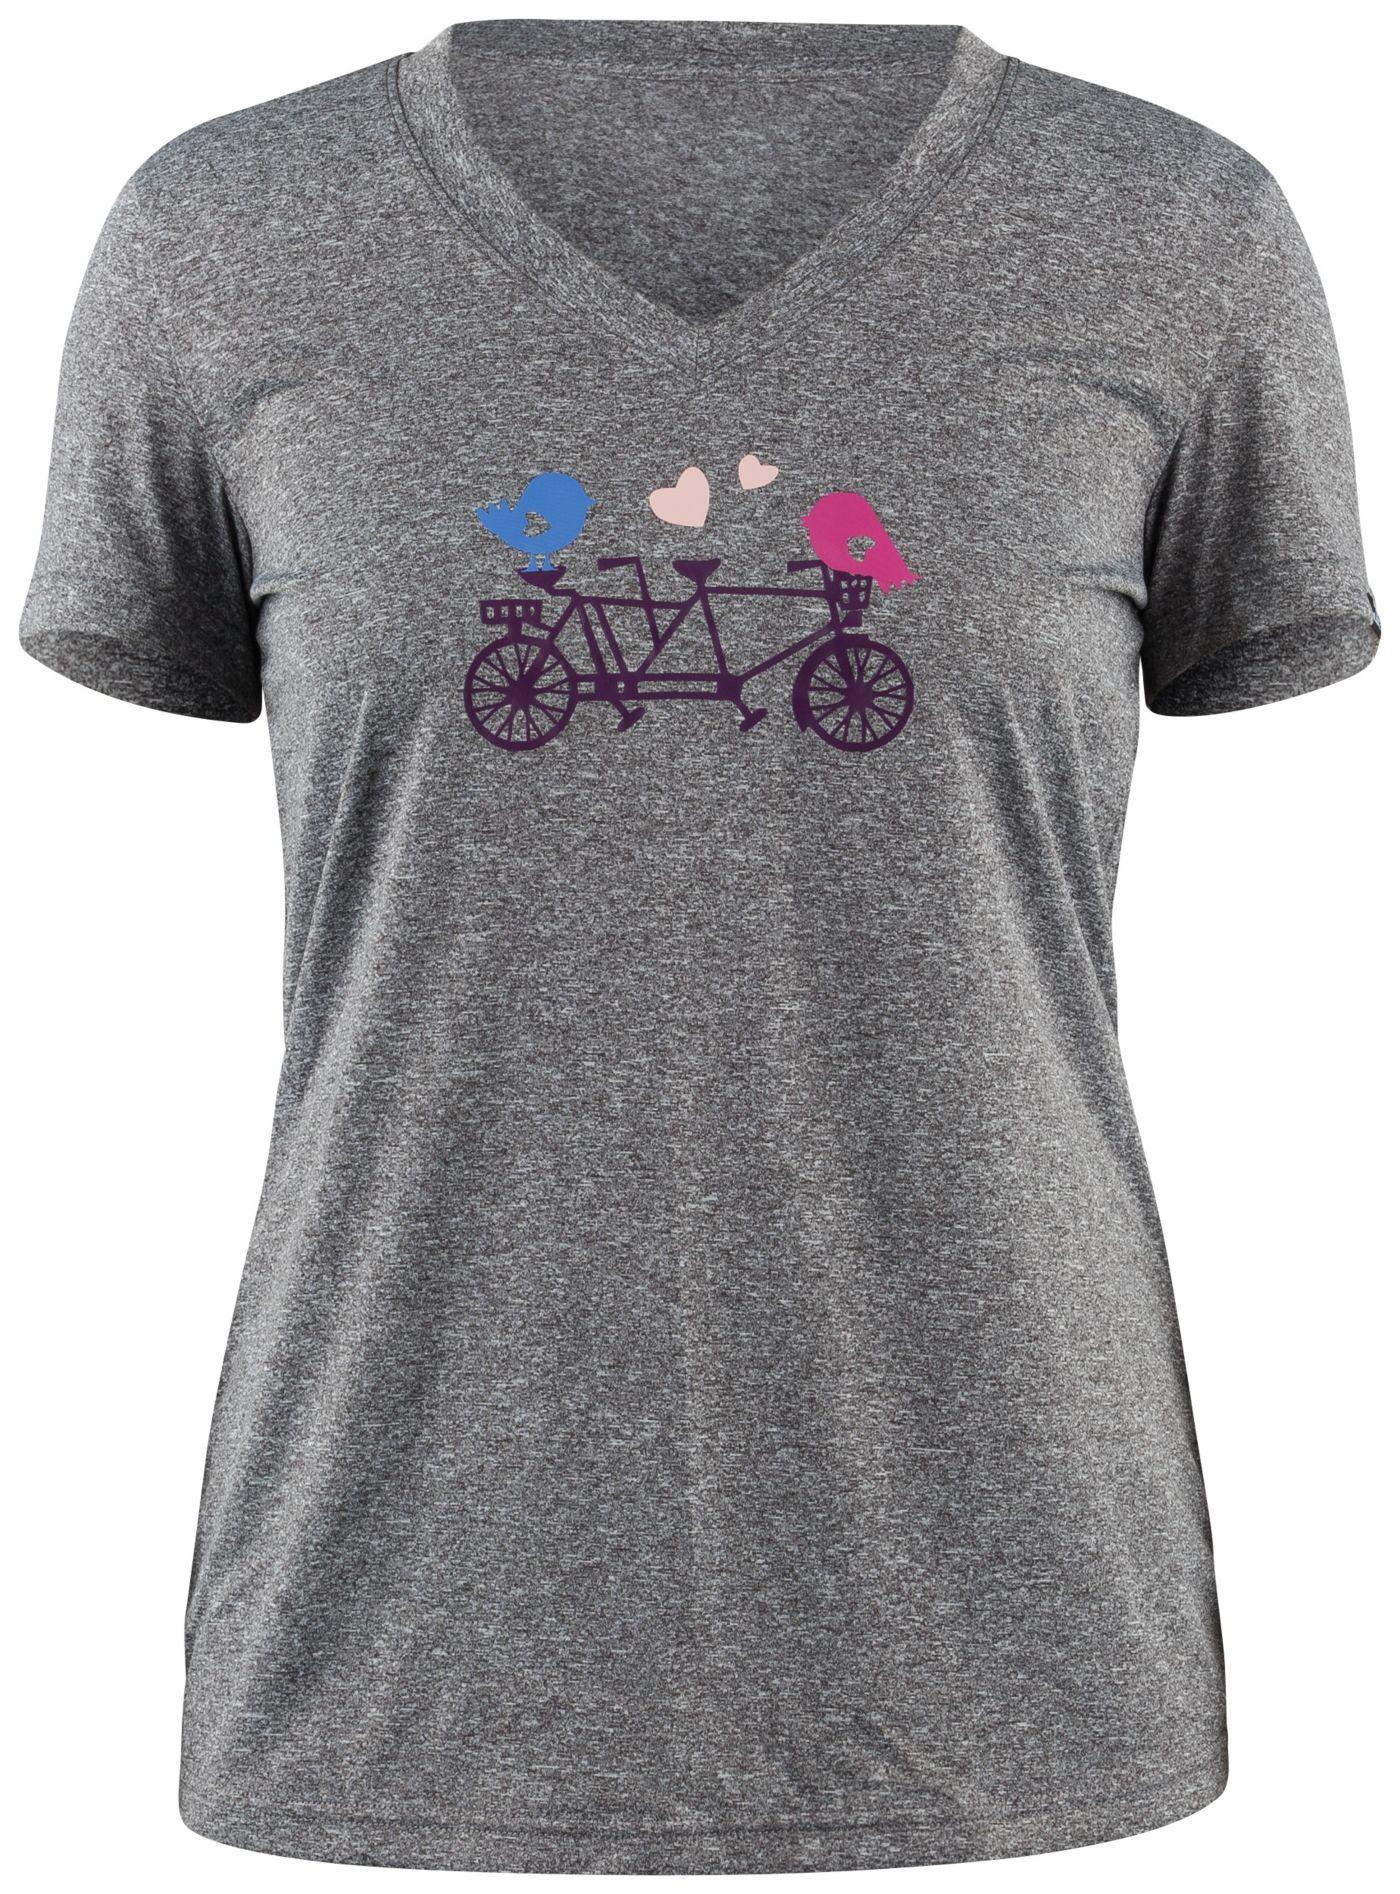 Louis Garneau Women's Birds Cycling T-Shirt